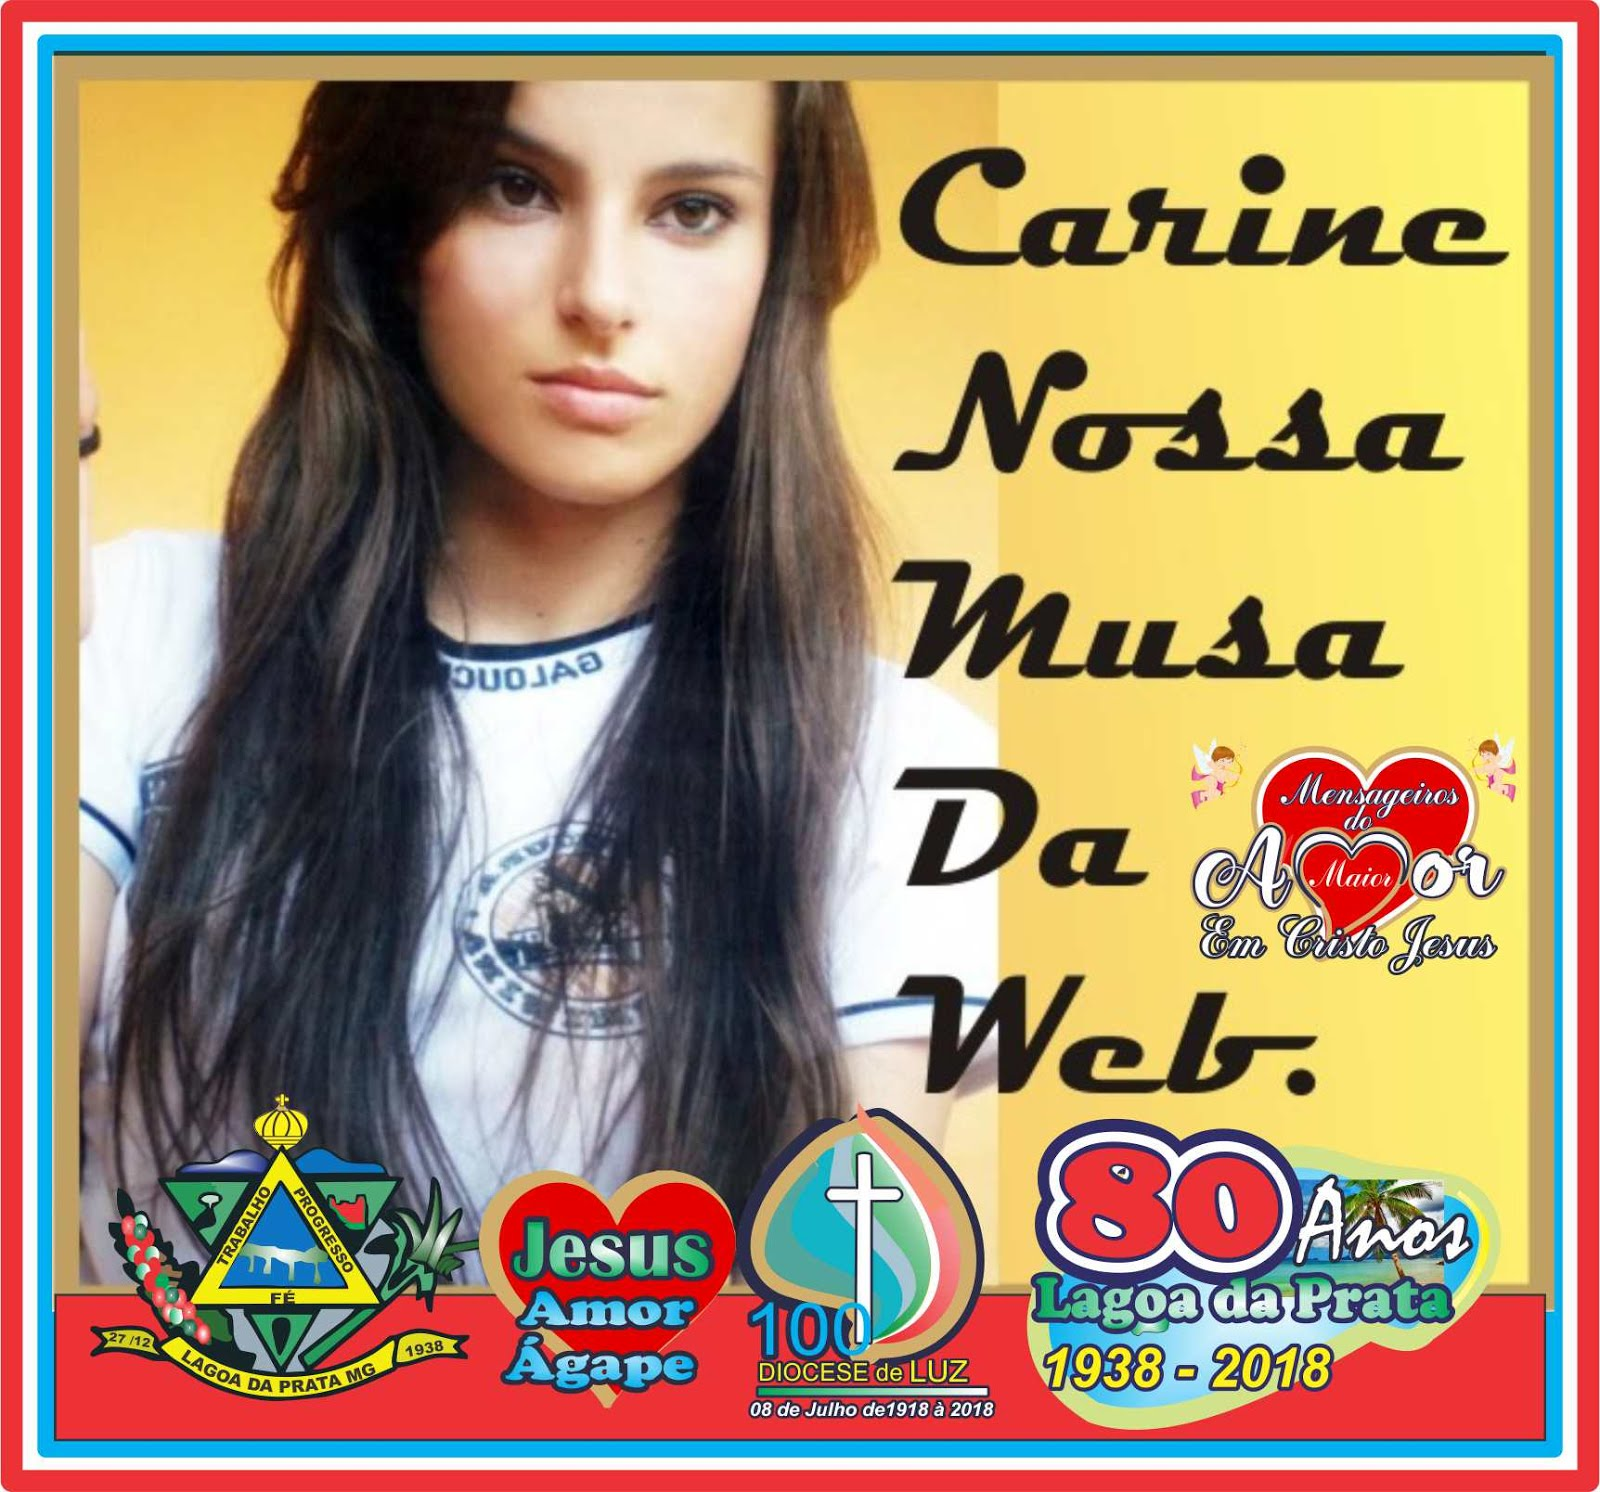 Carine Xavier Nossa Musa da Web.